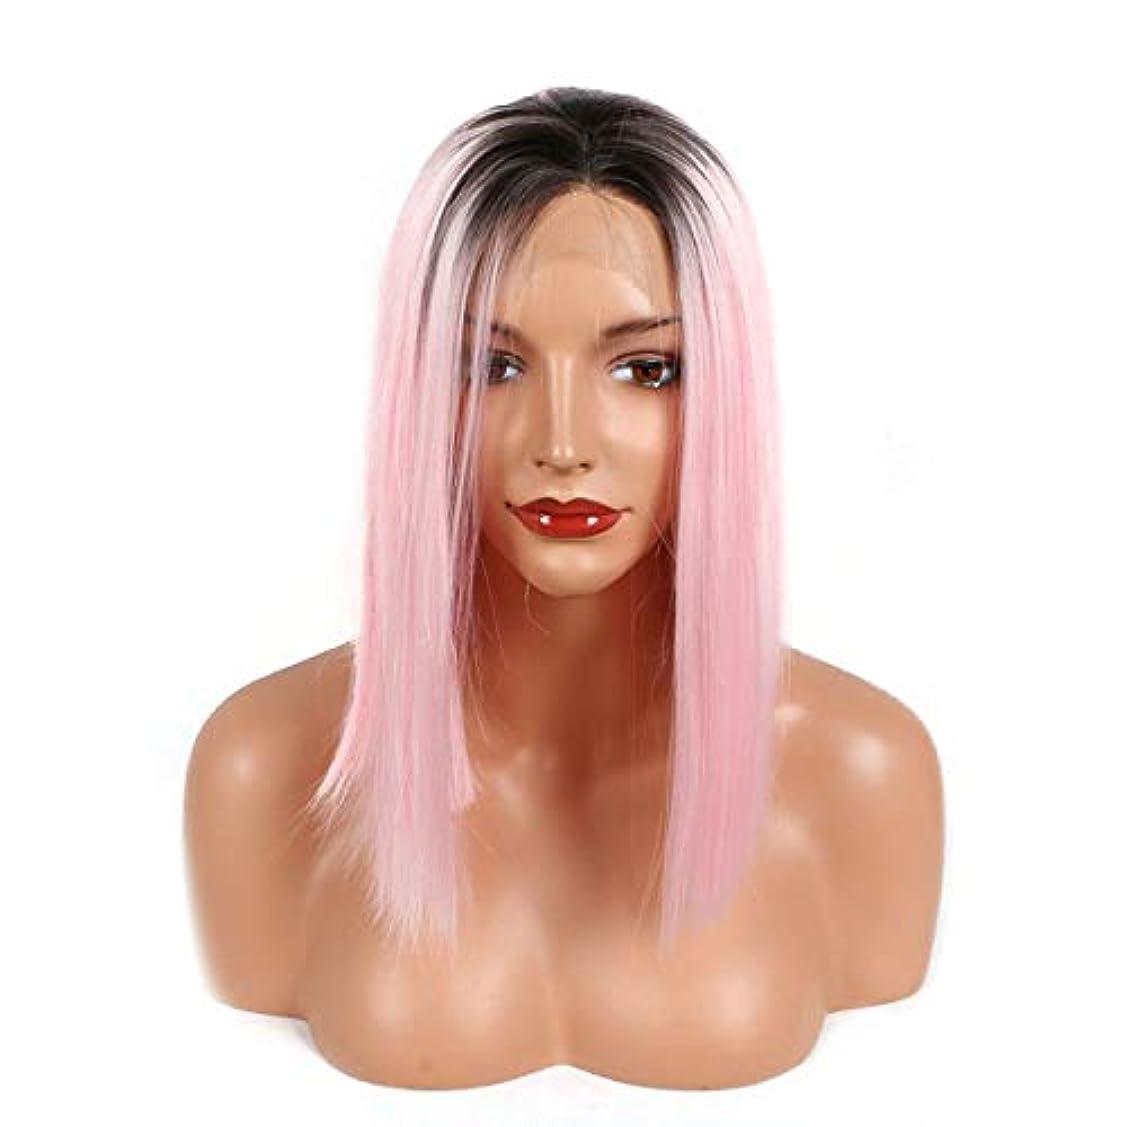 からかう優しい肥沃なYOUQIU BOBショートストレート髪のグラデーション合成レースフロントウィッグウィッグ (色 : ピンク)